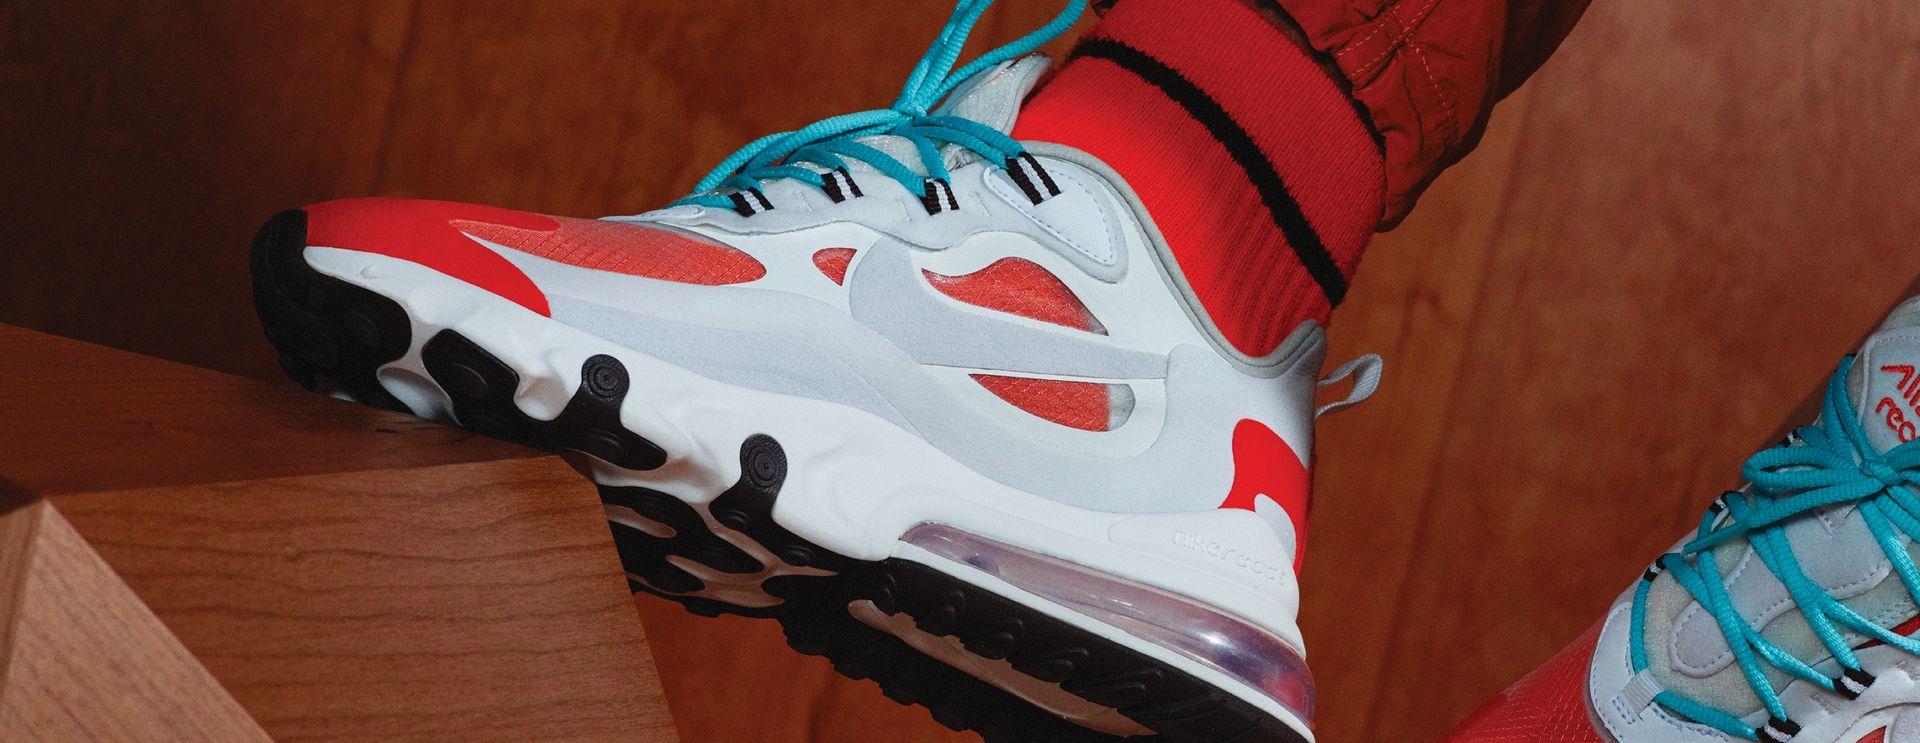 255179e722cef Chaussures, vêtements et accessoires Nike pour Homme. Nike.com FR